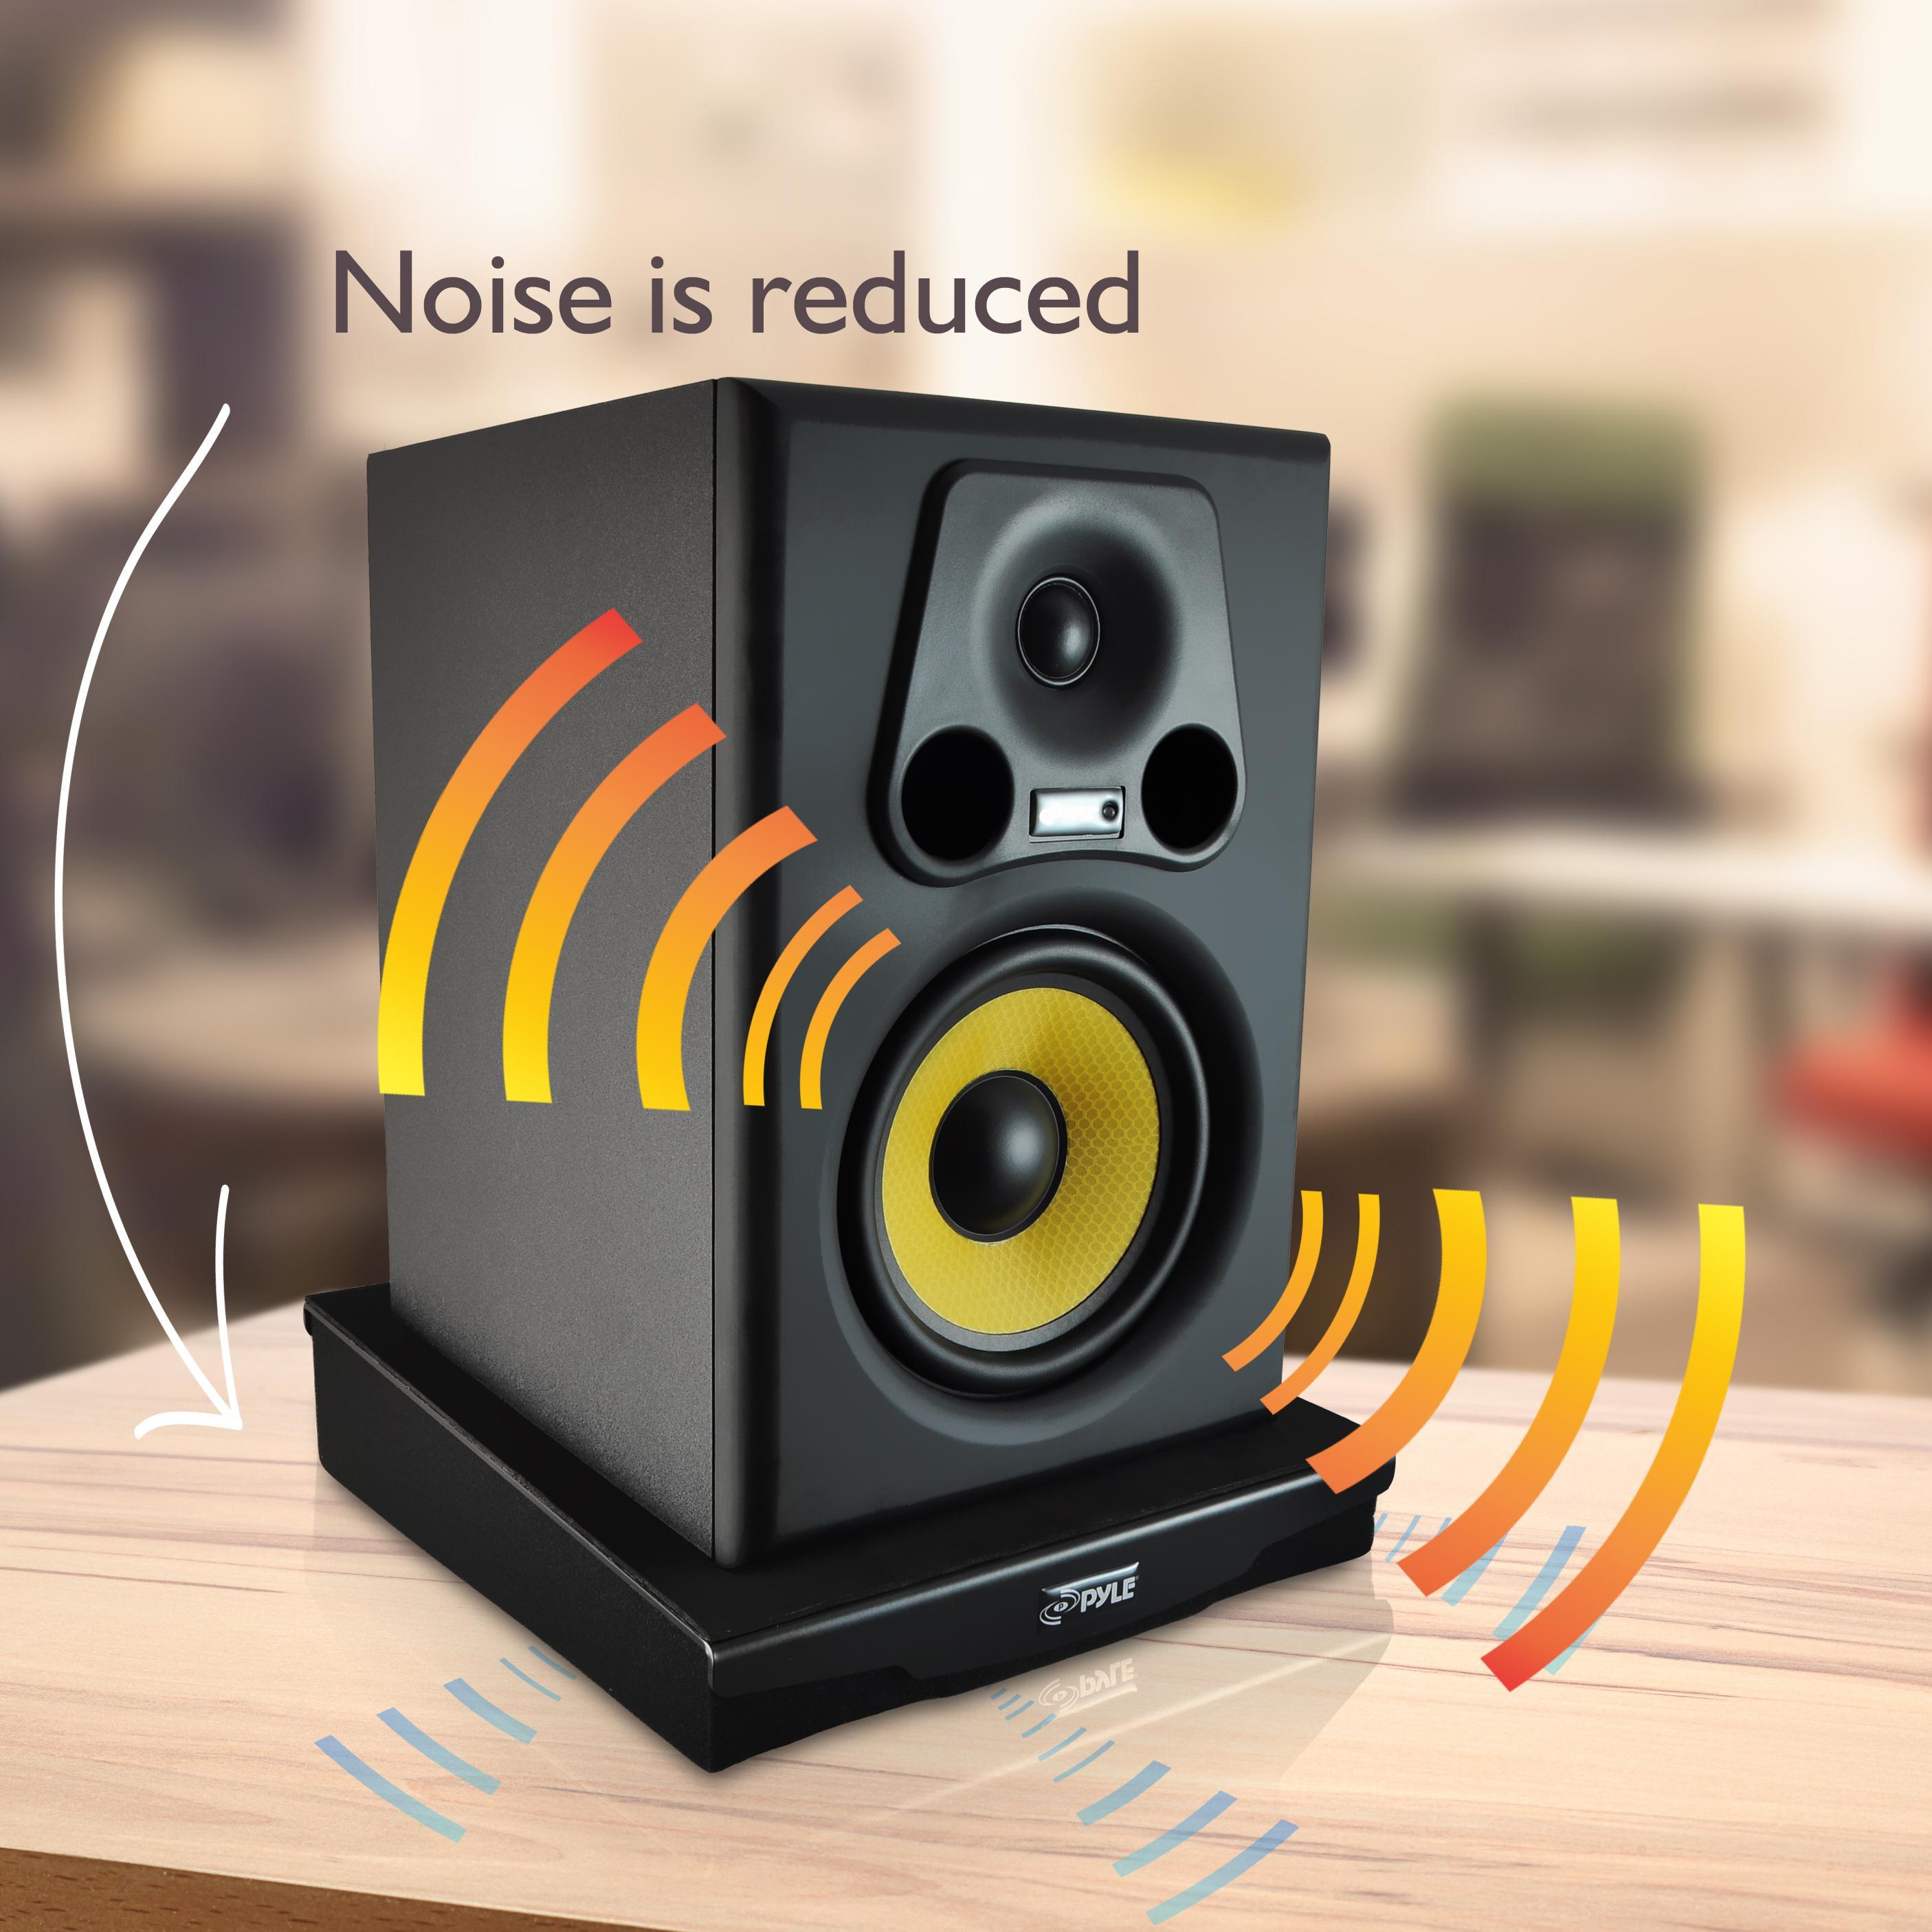 Amazon.com: Pyle PSi06 Acoustic Subwoofer Monitors Sound